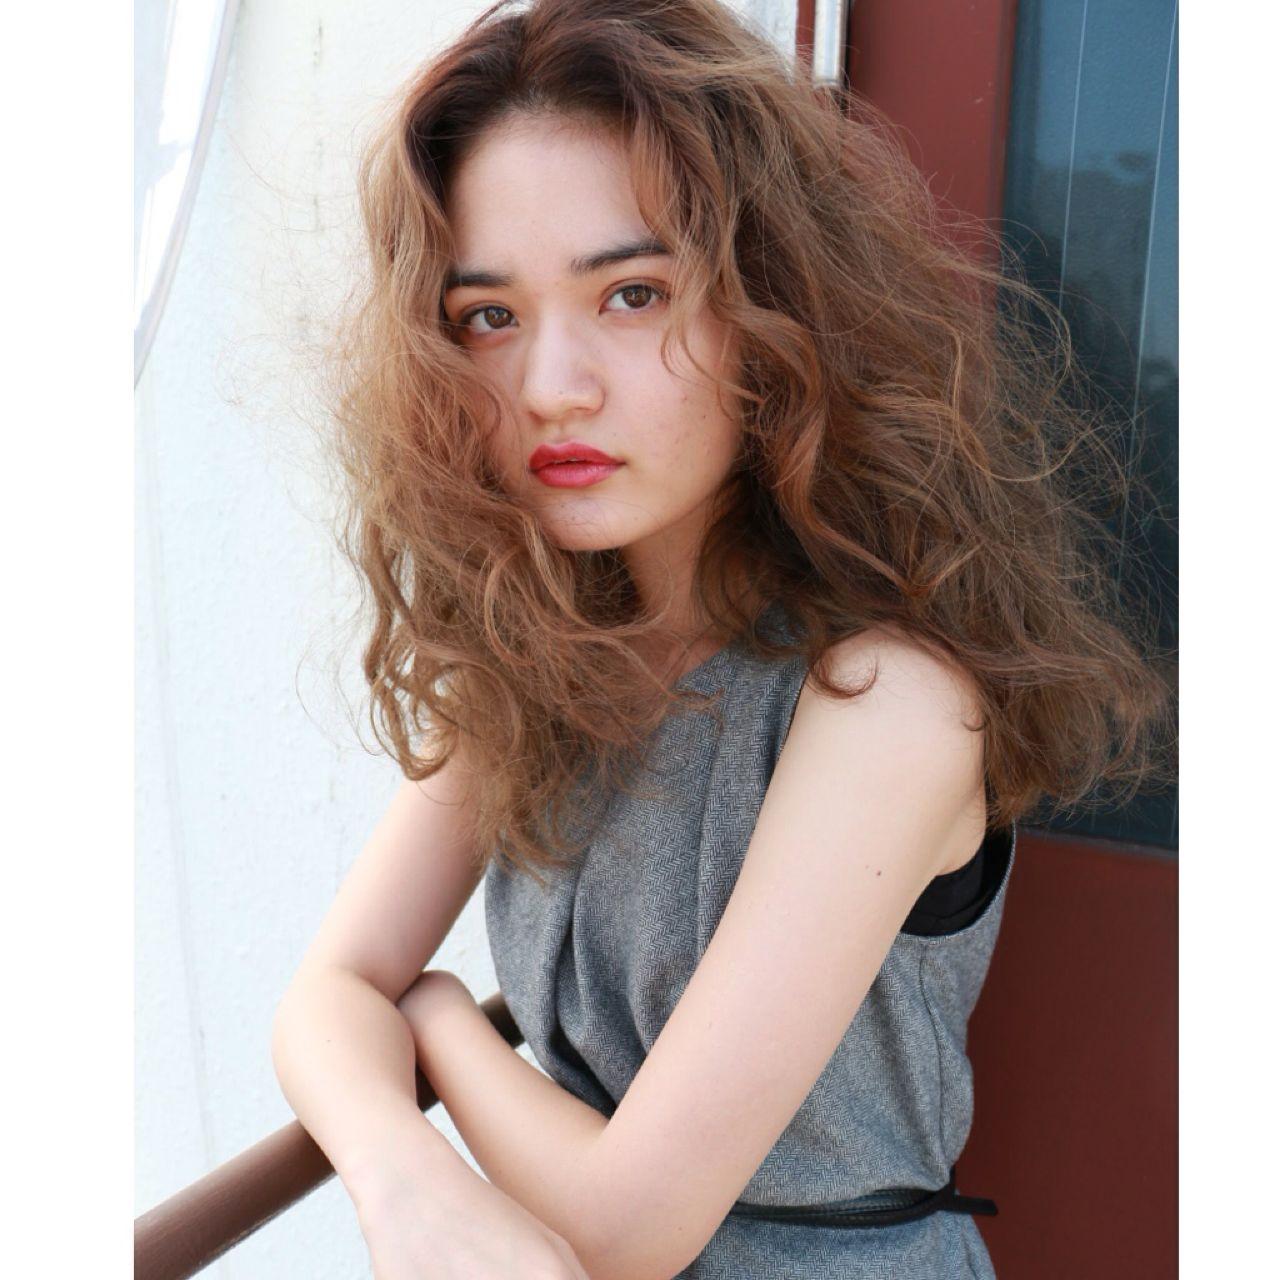 ウェーブ セミロング 春 ストリート ヘアスタイルや髪型の写真・画像